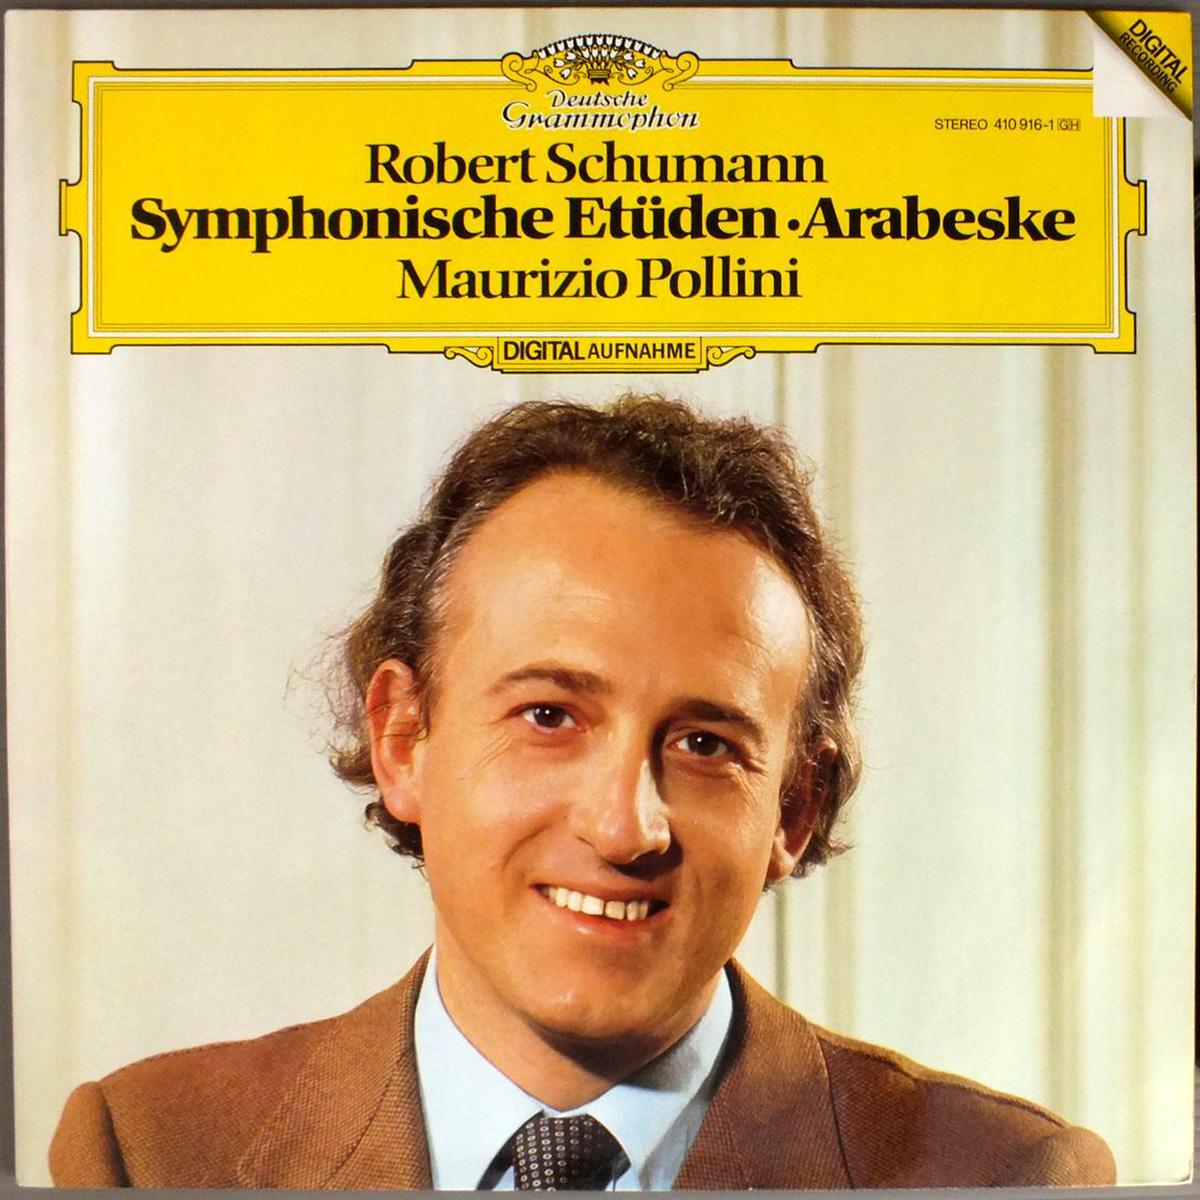 DGG 410 916 Schumann Etudes Symphoniques Arabeske Pollini DGG Digital Aufnahme